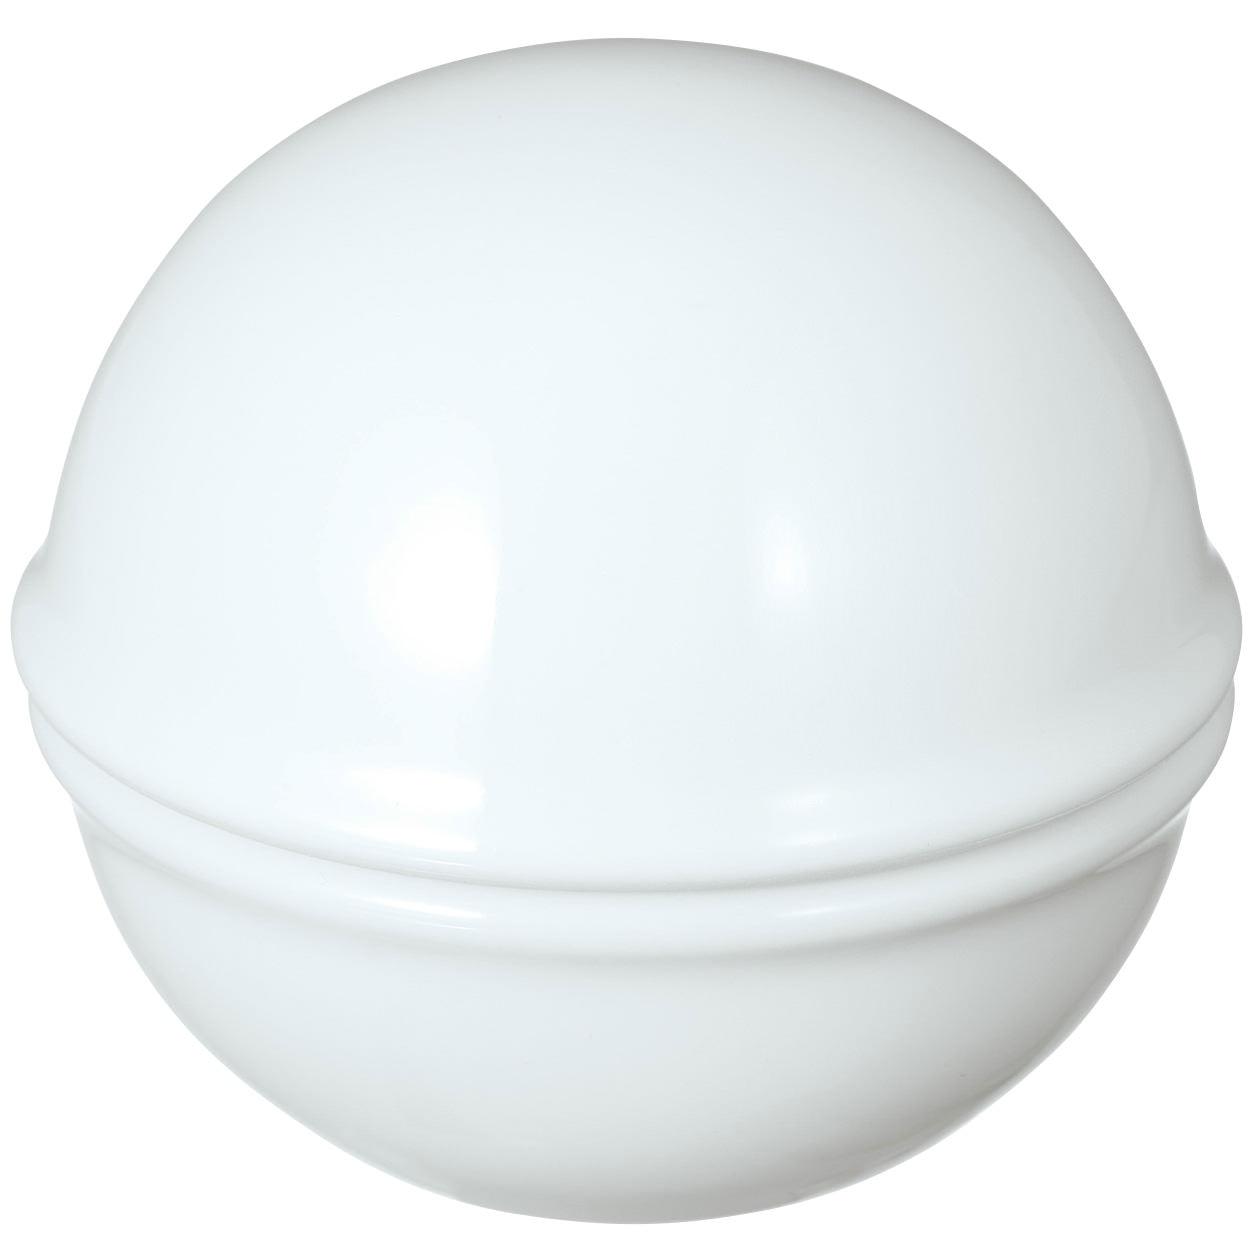 アクリルメガネ・小物ケース用ベロア内箱仕切・グレー 約幅5×奥行16.5×高さ2cm コンビニ受取可